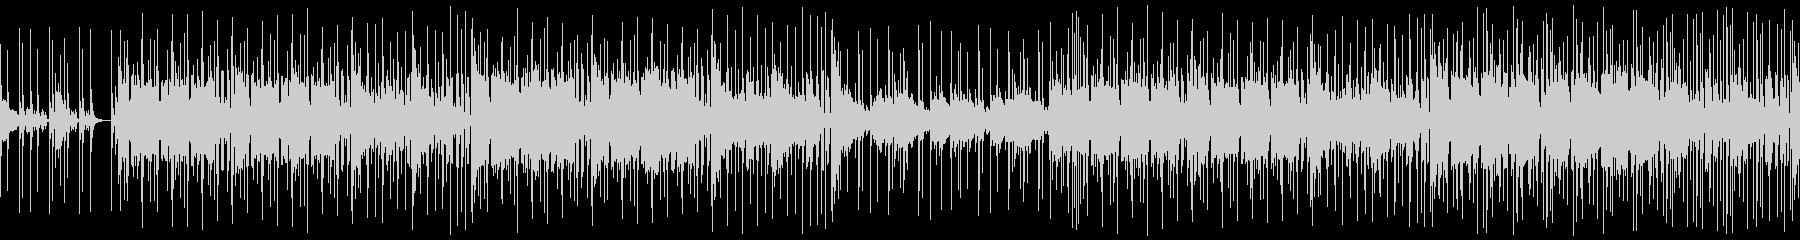 【メロディ抜き】クラビネット主体のファ…の未再生の波形